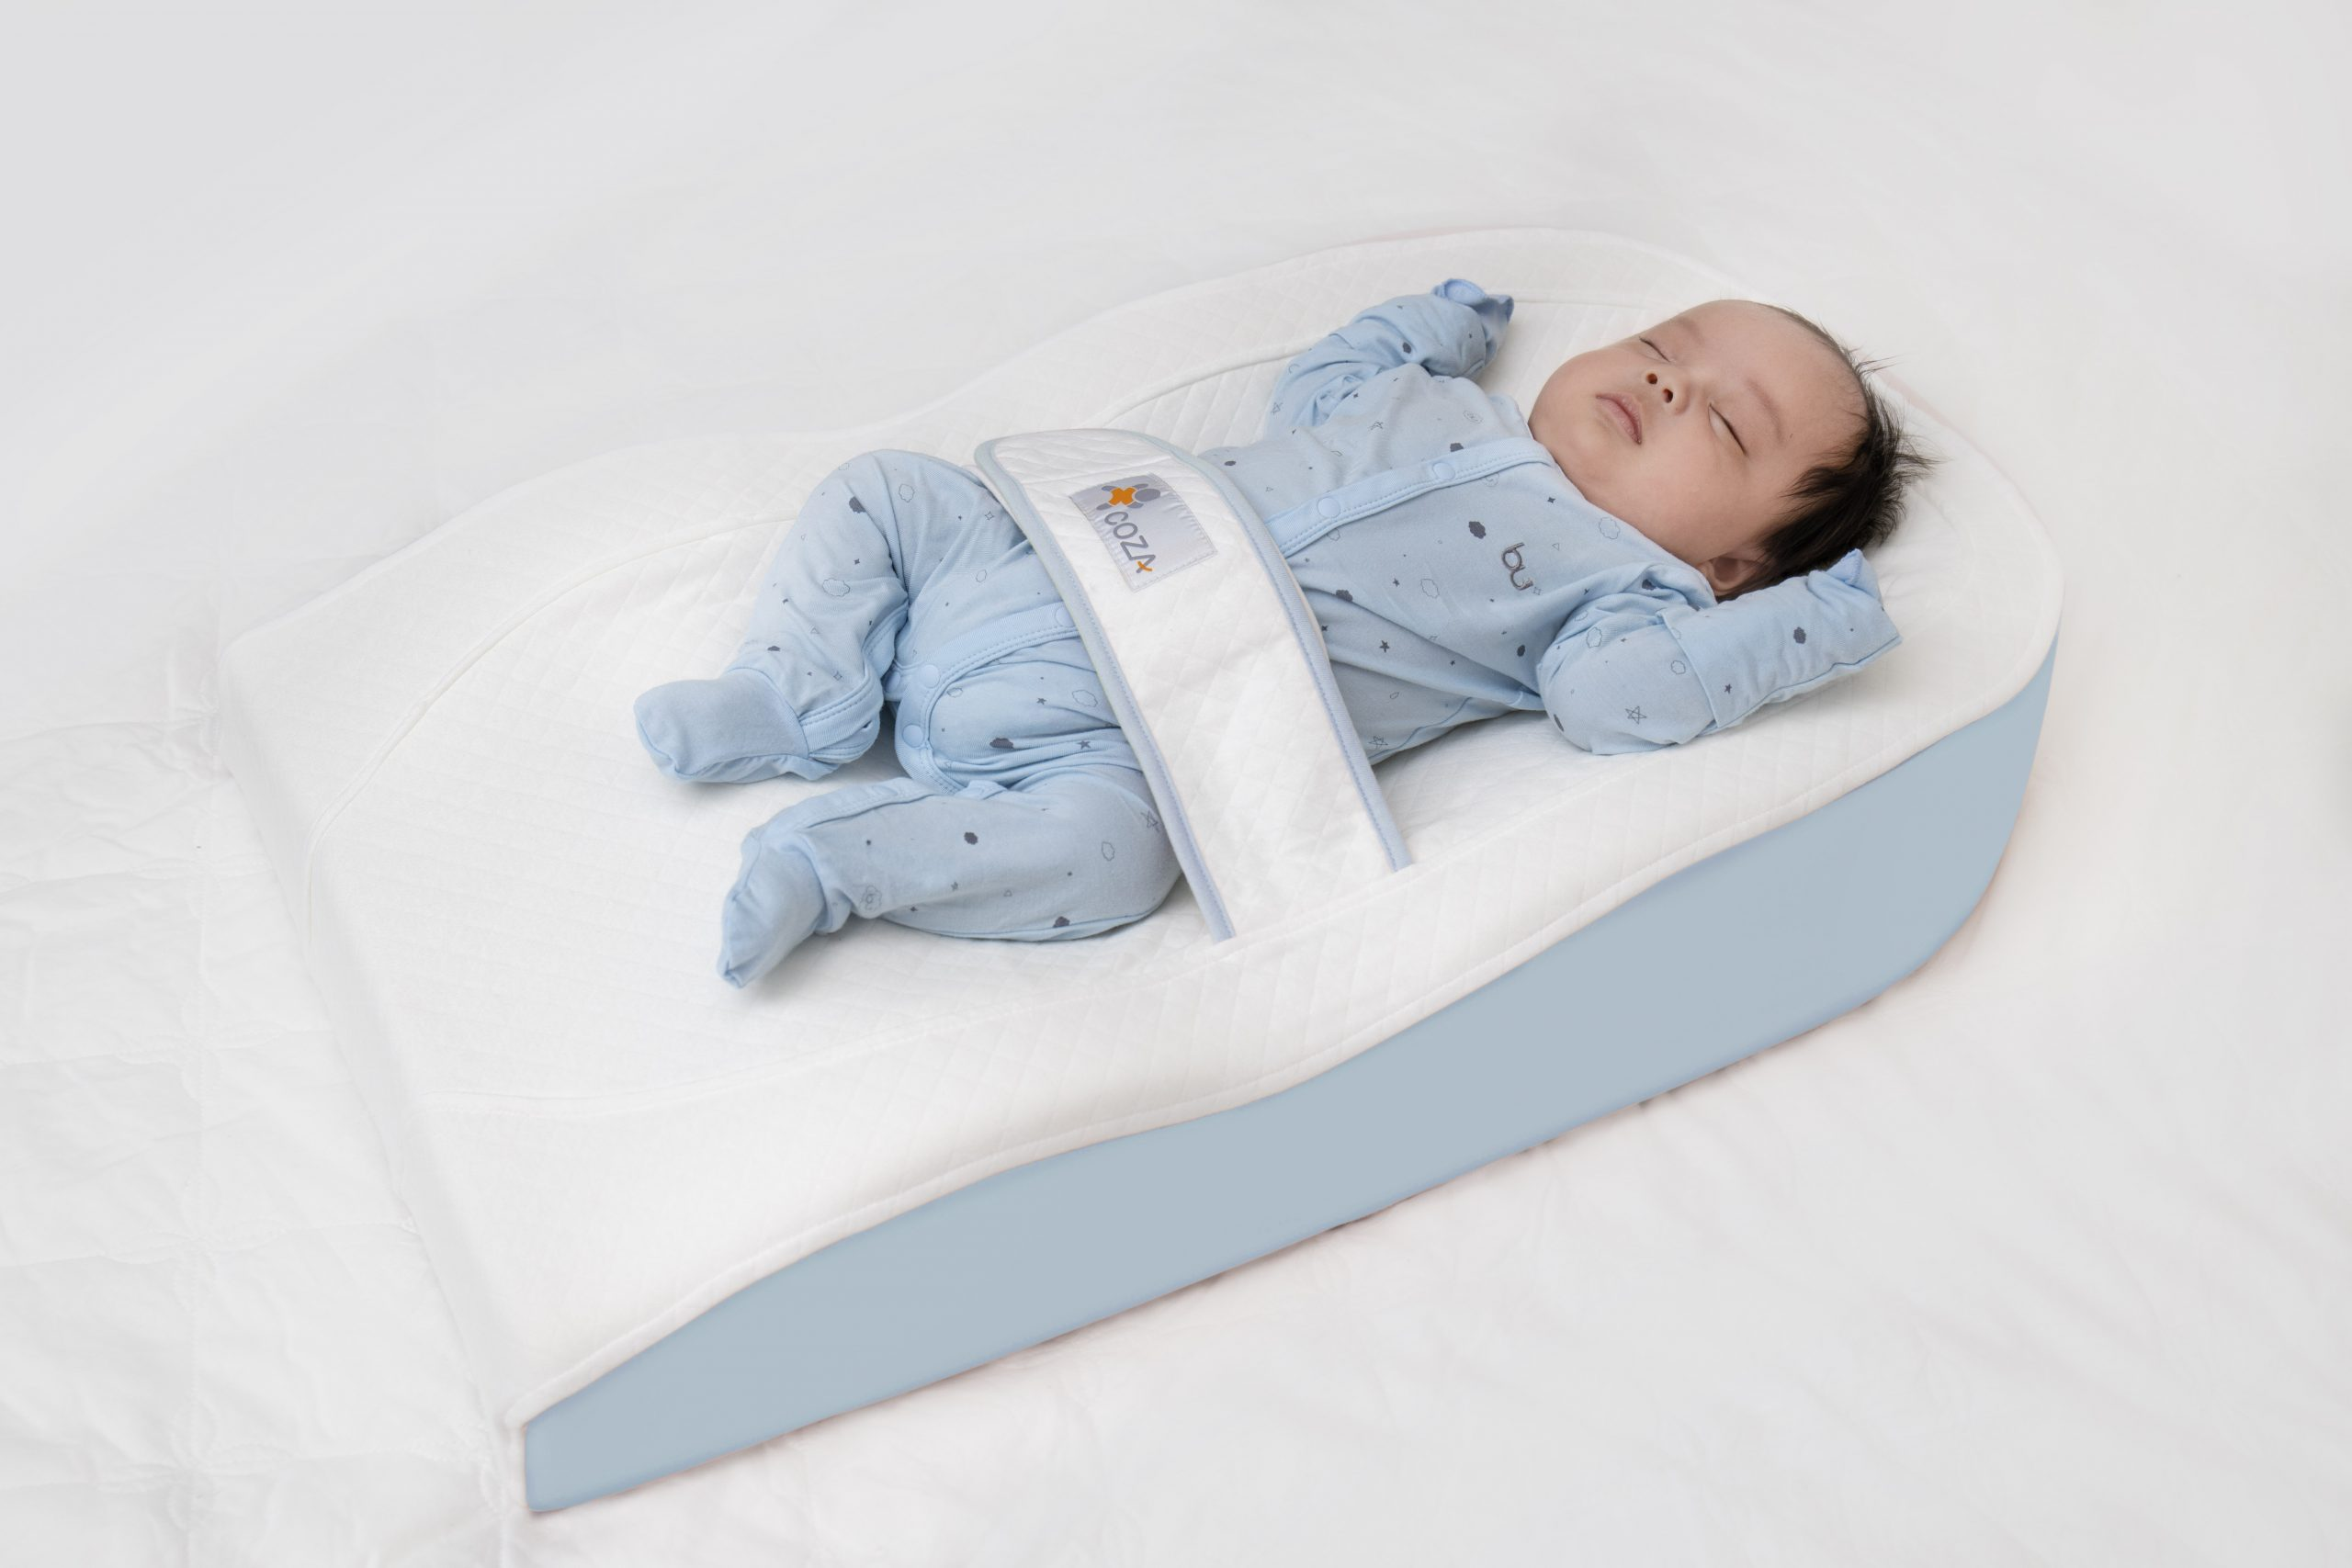 Quà tặng em bé mới sinh là chiếc đệm nằm chống trào ngược cho bé